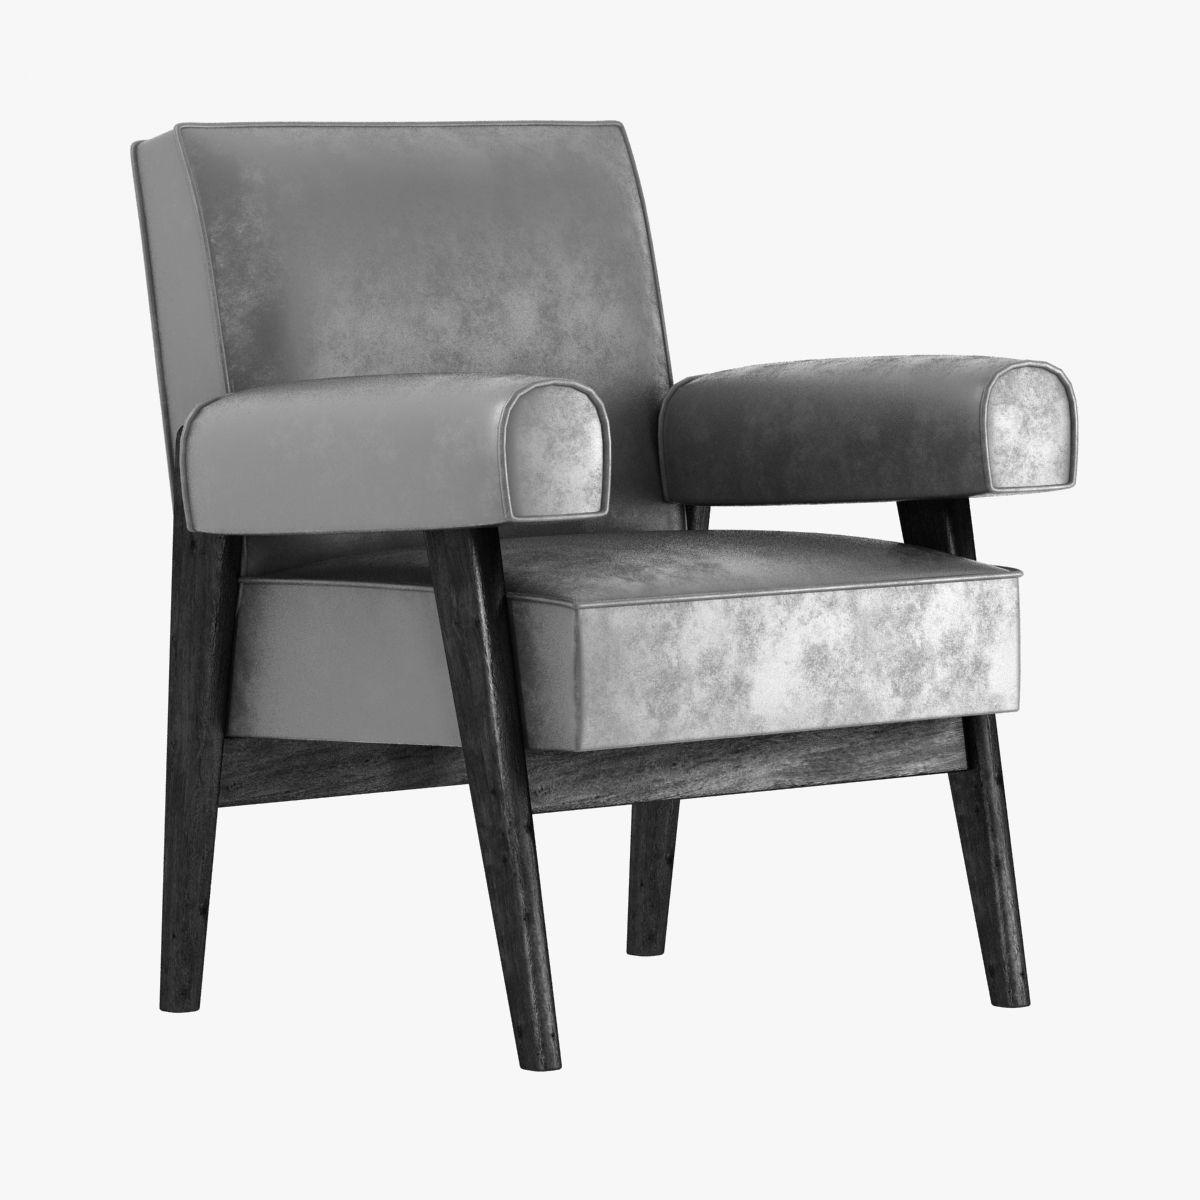 le corbusier and pierre jeanneret armchair 3d model max obj 3ds fbx mtl 1 - Le Corbusier Chair